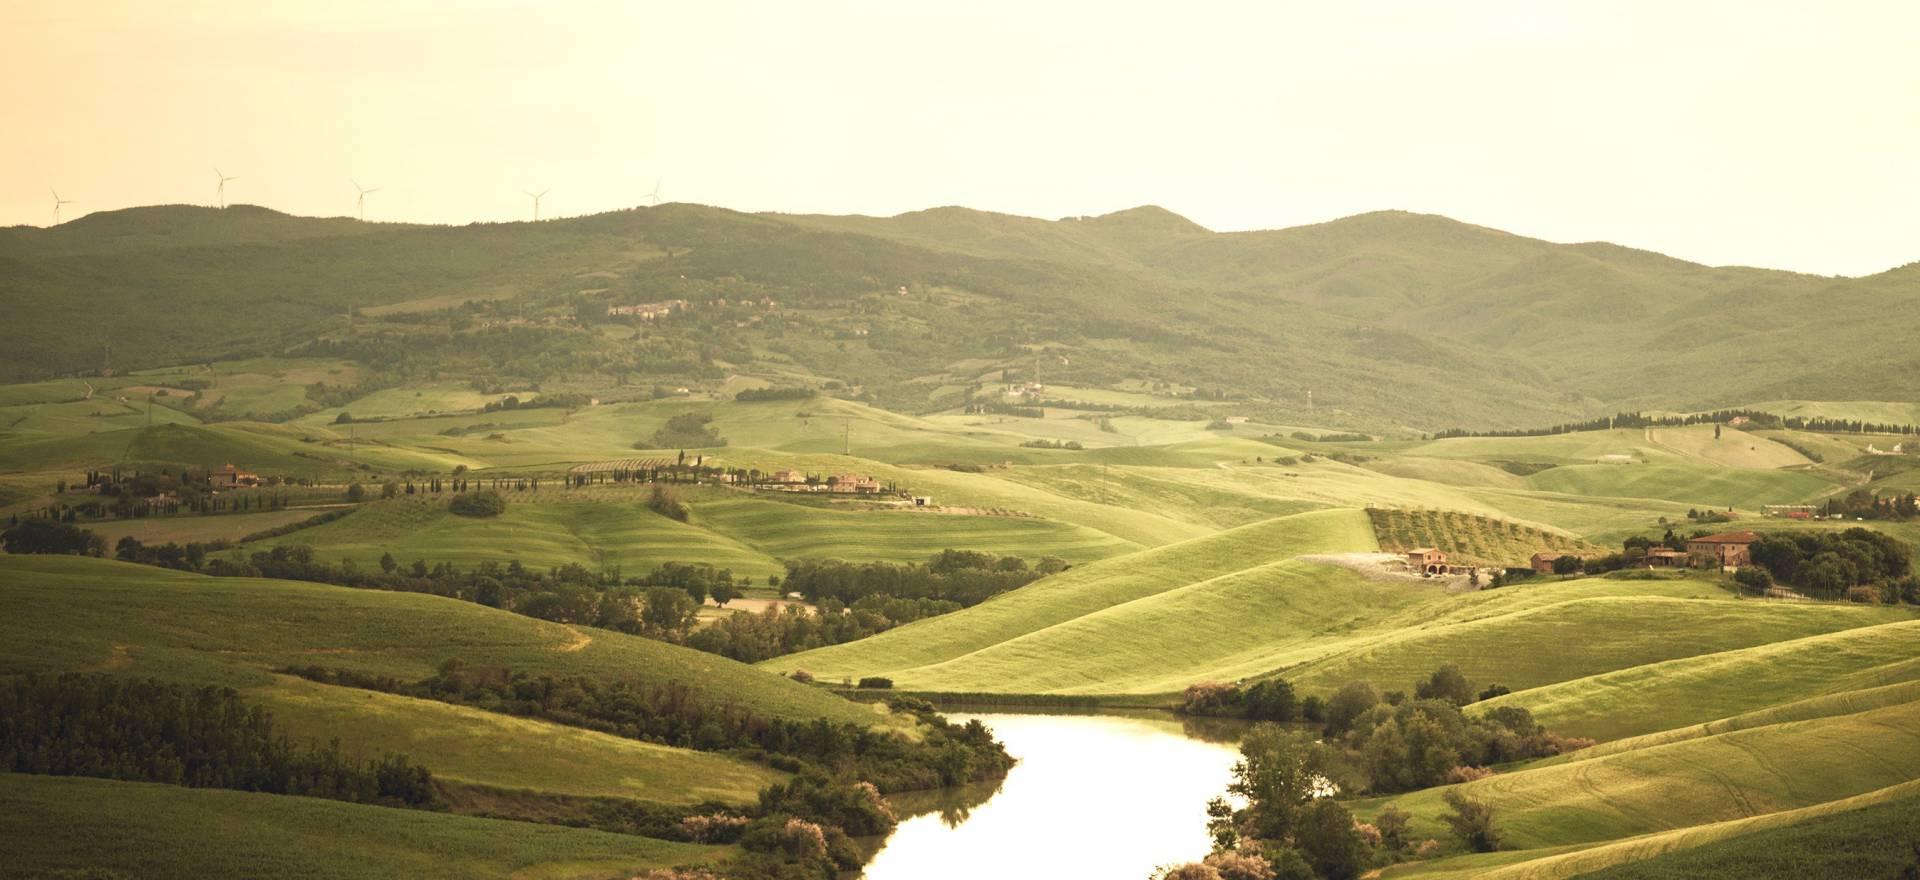 Agriturismo Toscana Agriturismo Toscana, per bambini, ottima accoglienza!